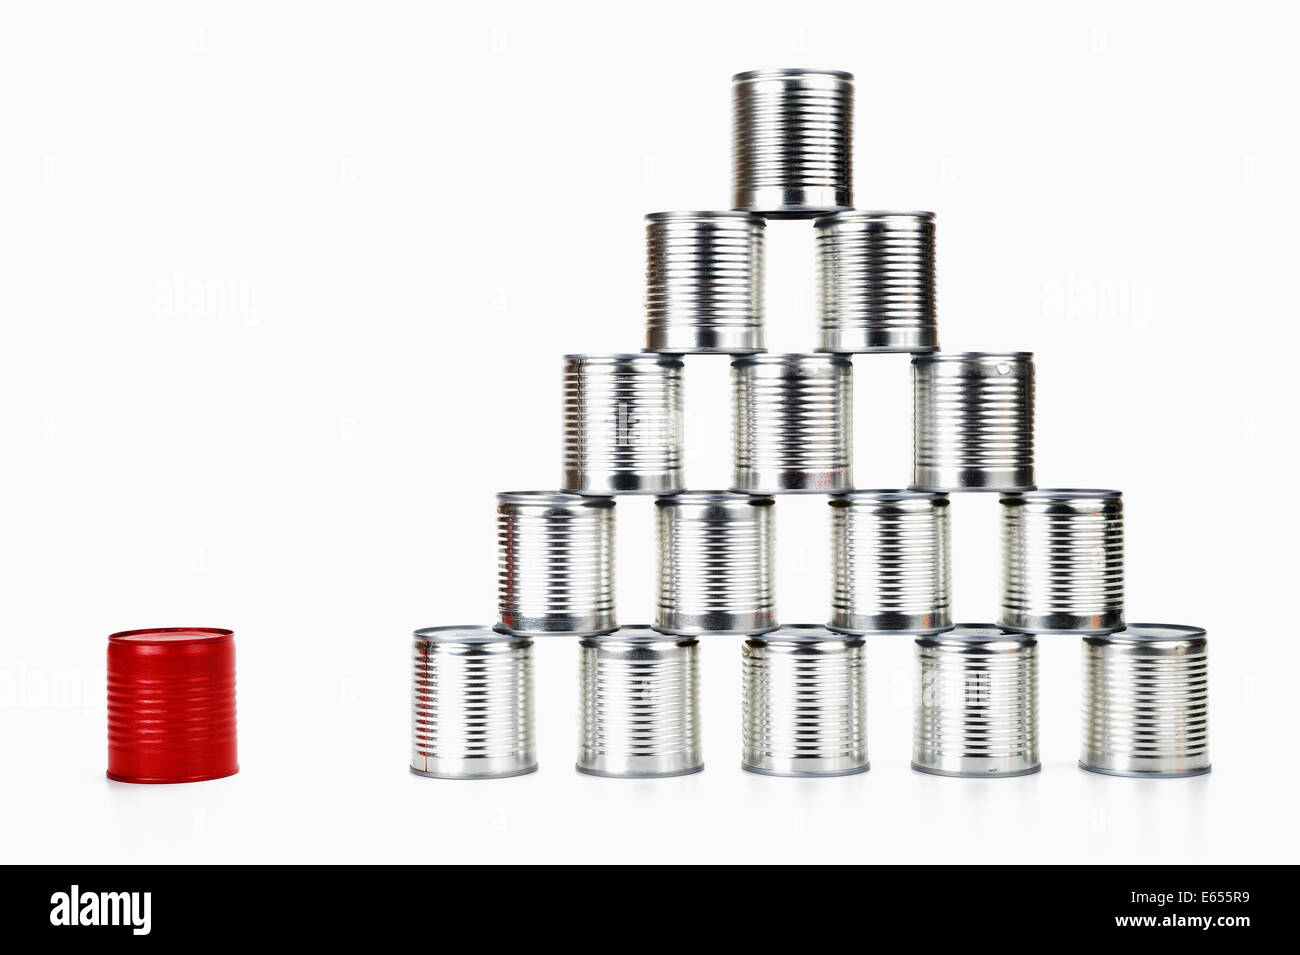 Rote Blechdose neben einer Pyramide - Konzept Unterschied Stockbild